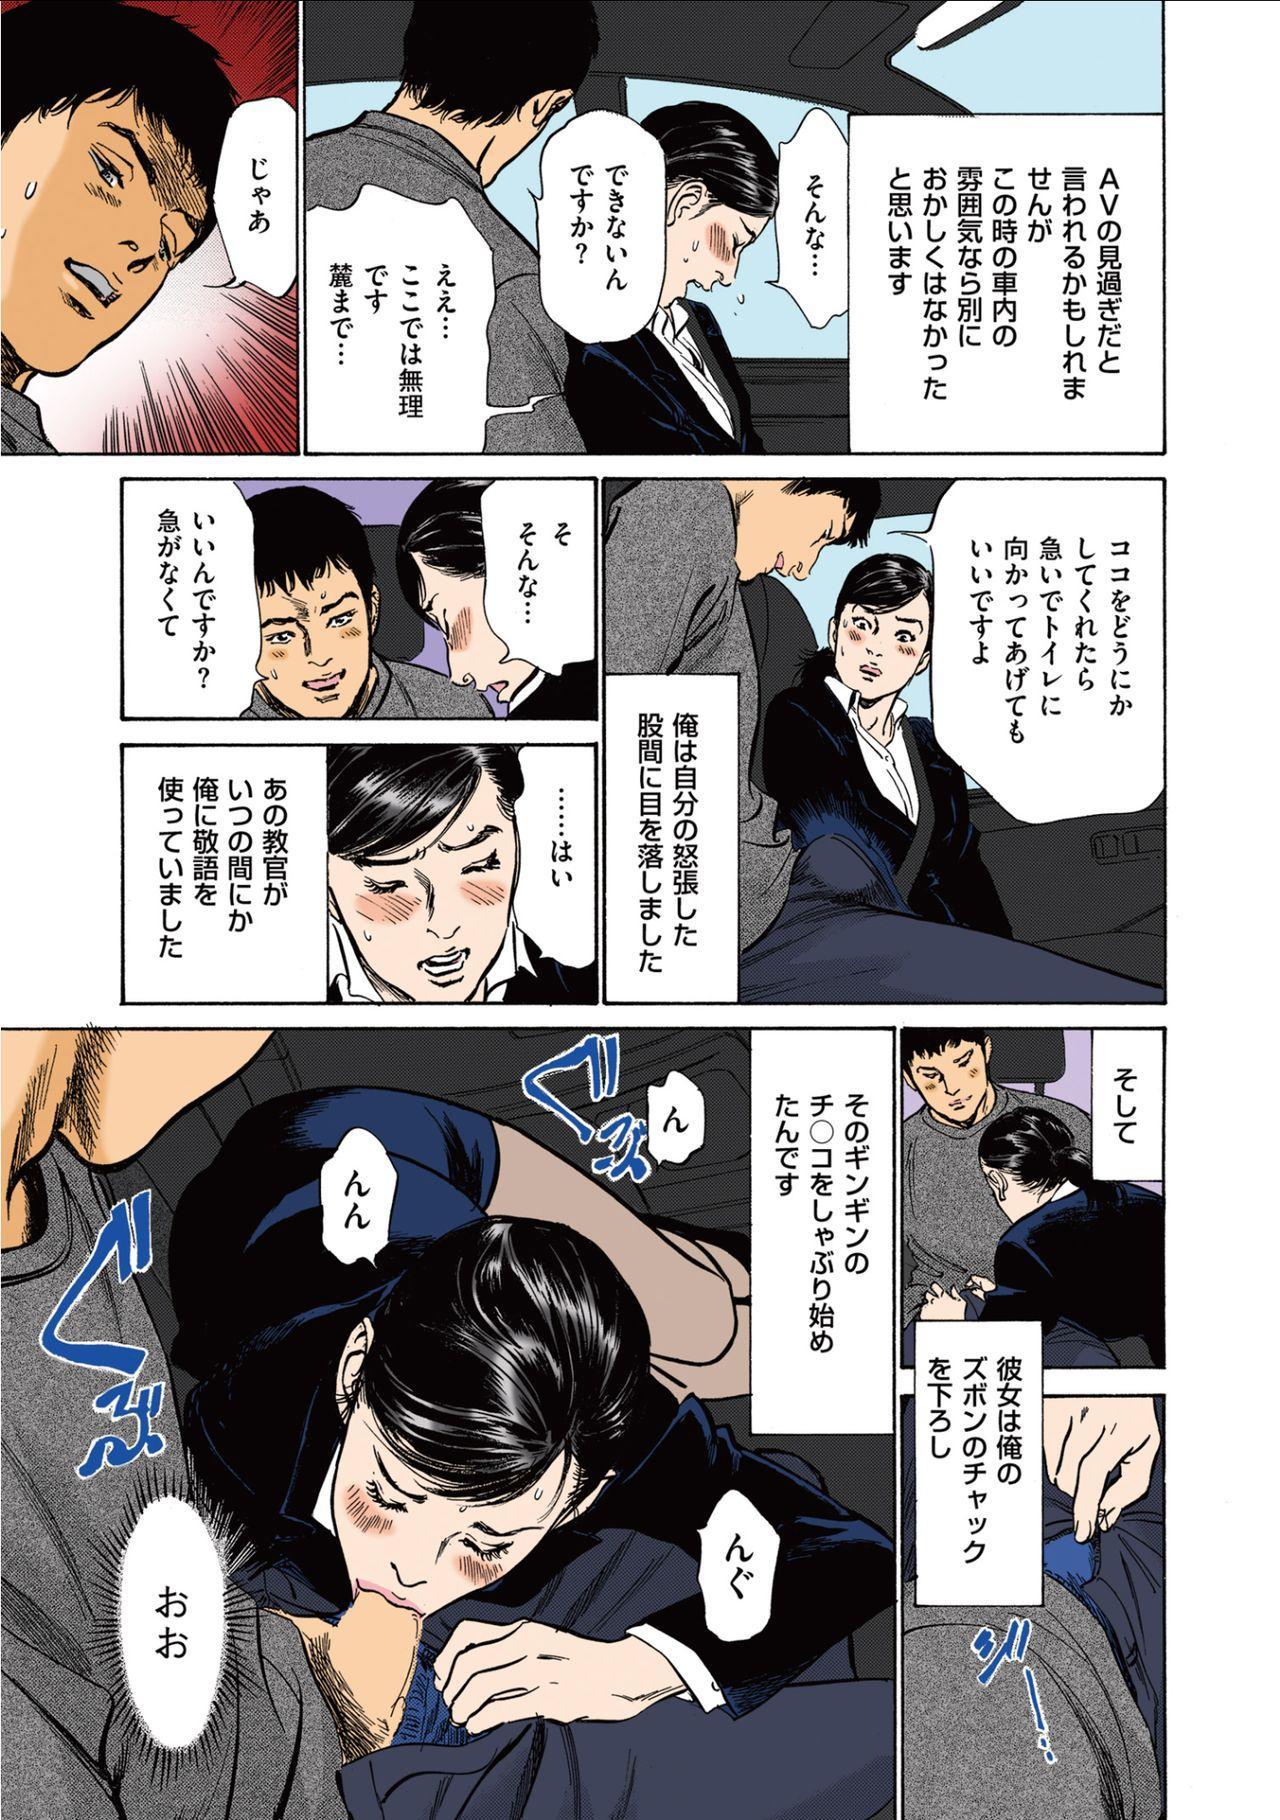 [Hazuki Kaoru] Hazuki Kaoru no Tamaranai Hanashi (Full Color Version) 1-2 12